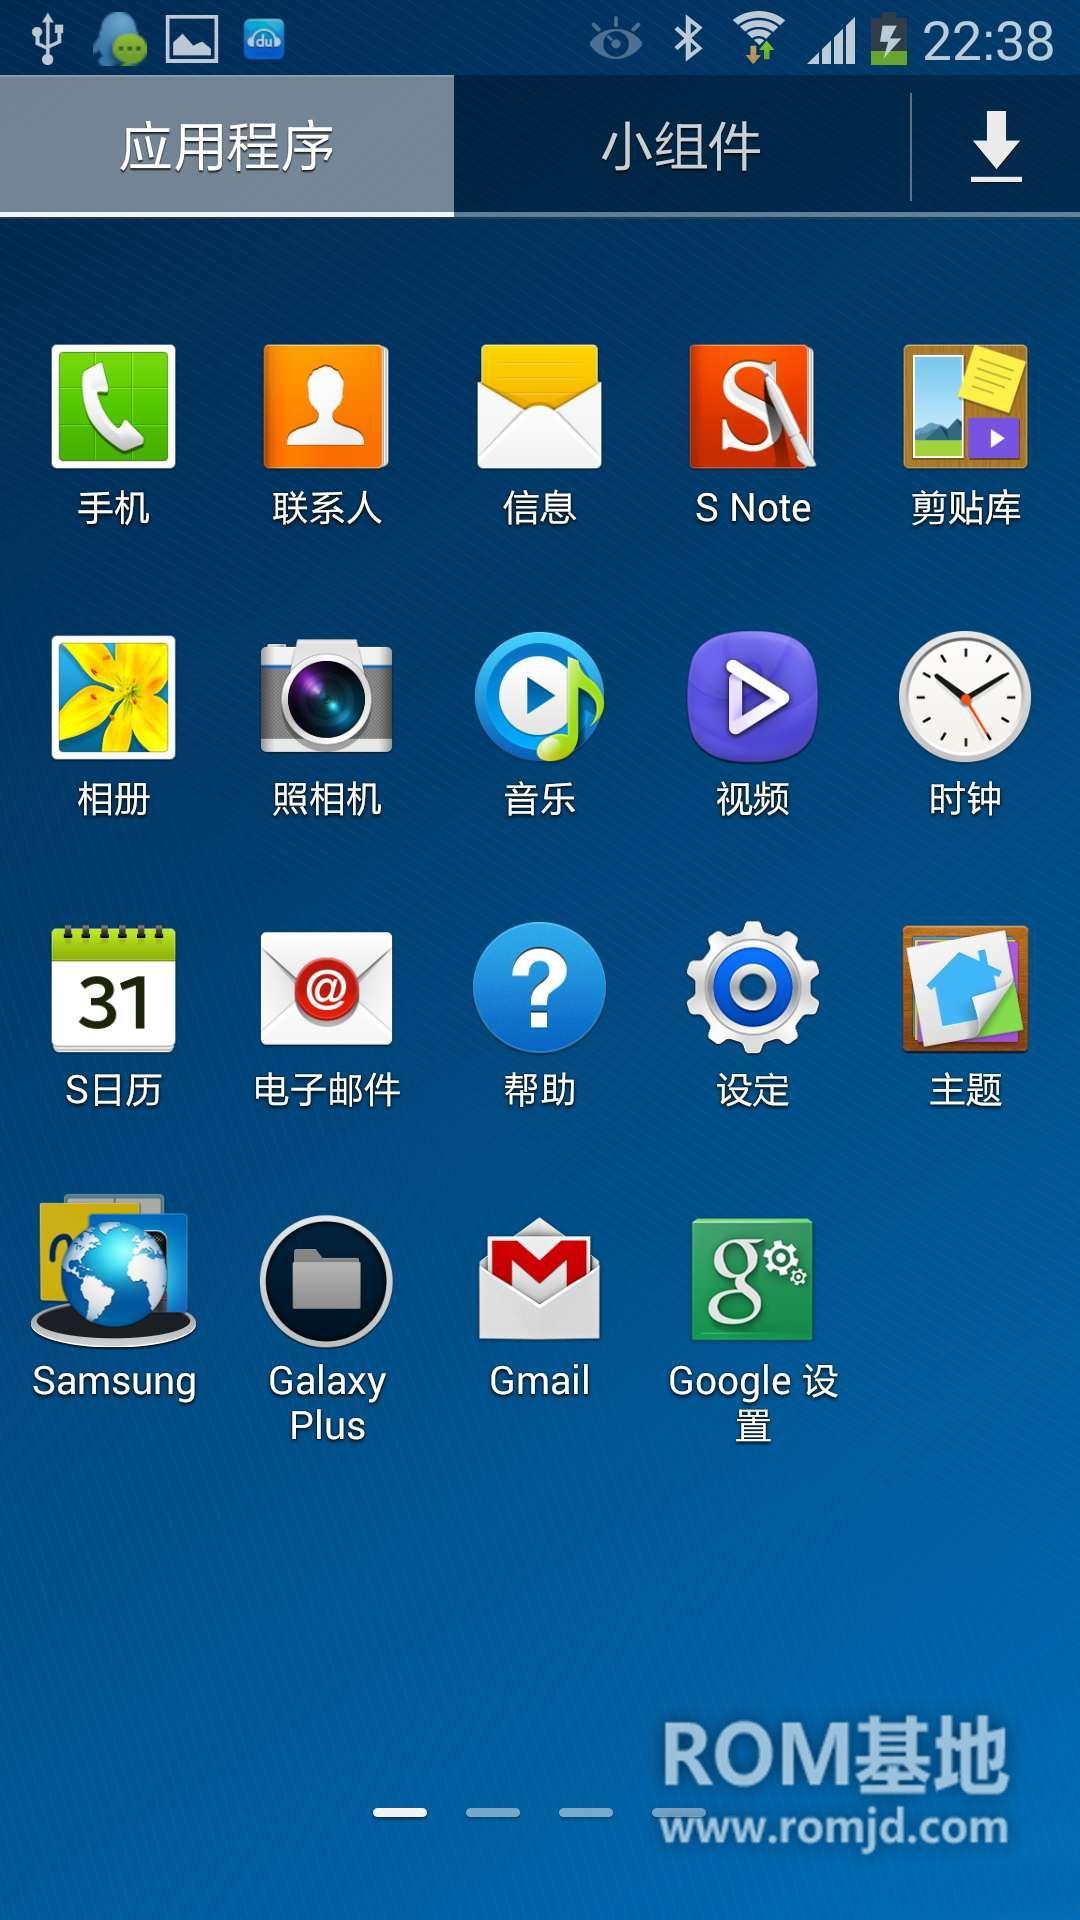 绿化纯净 三星 N900基于港版4.3 ZSUCMK1 官方精简 修改 稳定 纯净版刷机包ROM刷机包下载